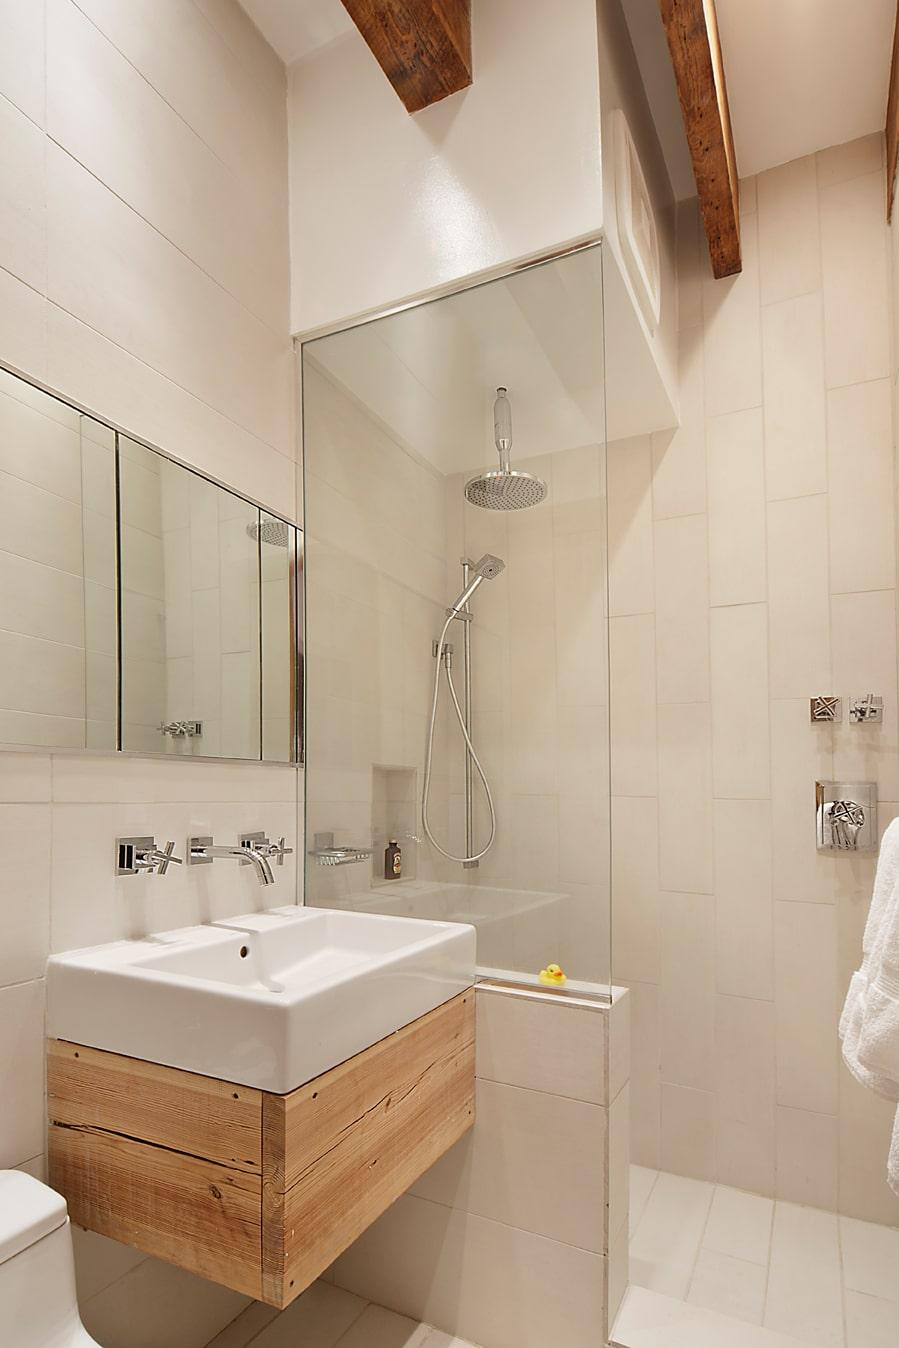 Decoracion De Baños Pequenos Departamentos:Diseño de cuarto de baño de departamento